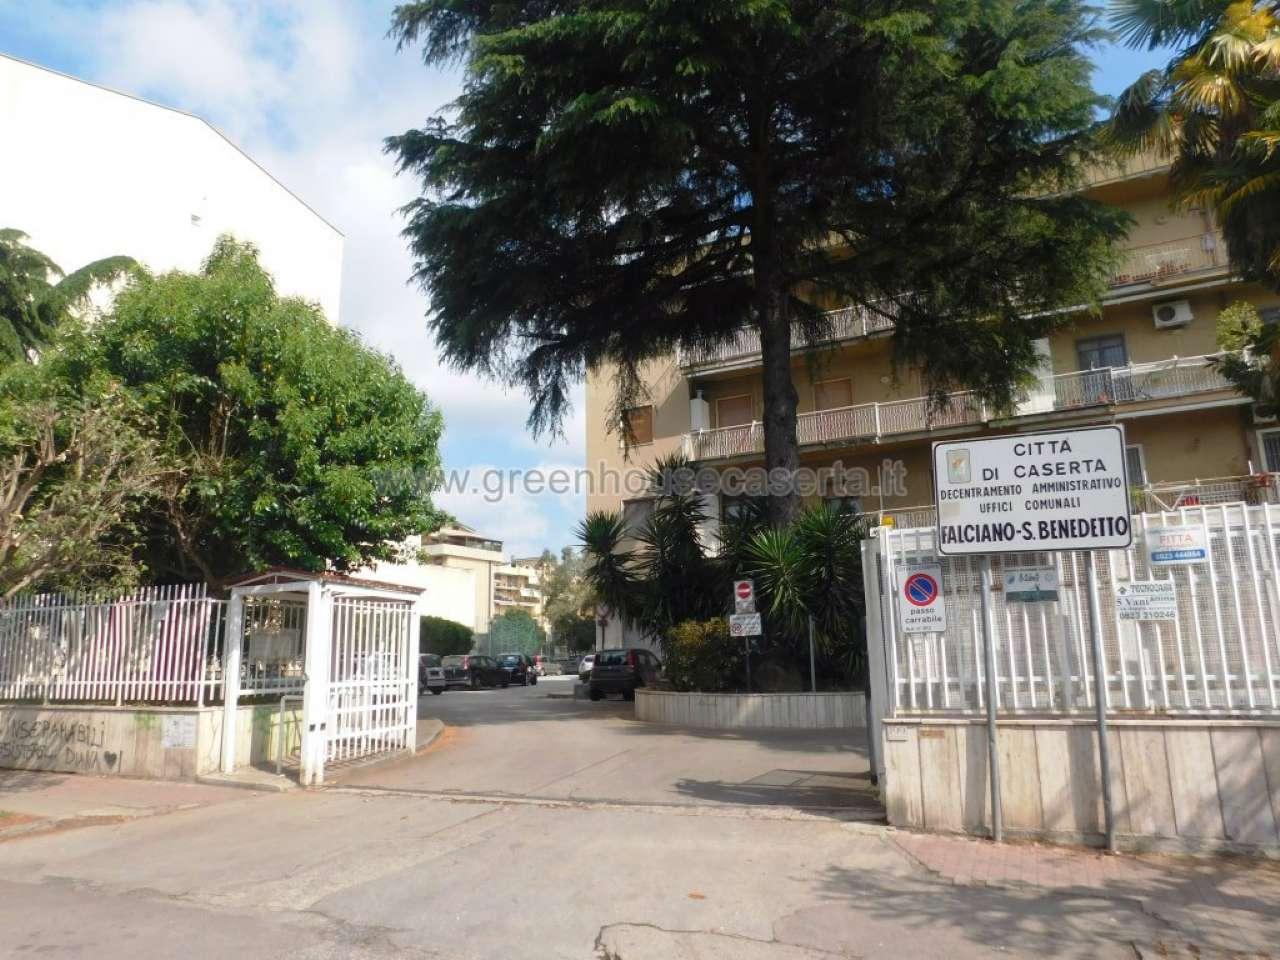 Appartamento in vendita a Caserta, 4 locali, prezzo € 159.000 | Cambio Casa.it